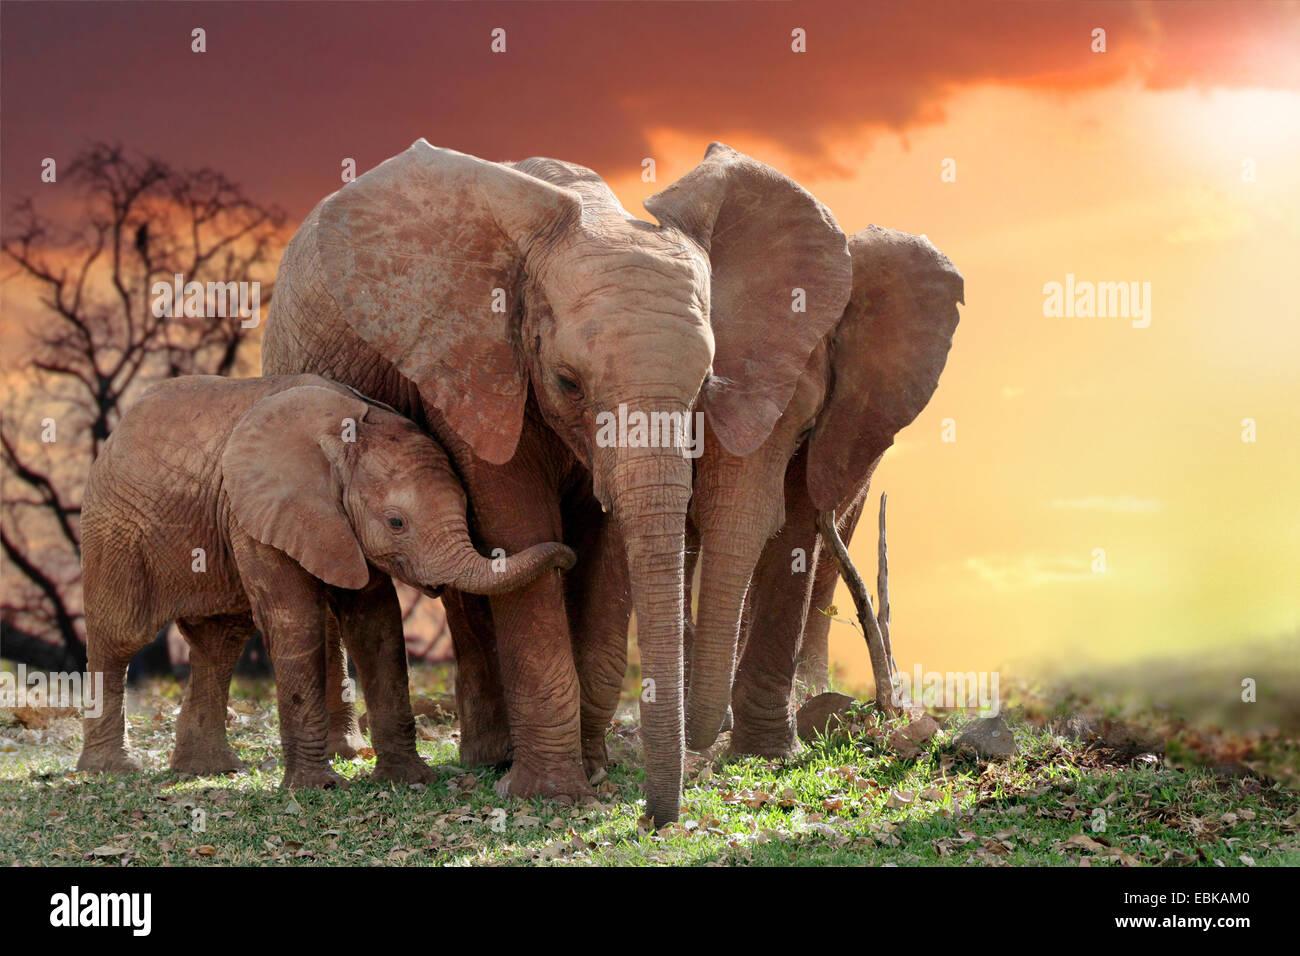 African elephant (Loxodonta africana), elephants with young animal in sunset, Kenya, Amboseli National Park - Stock Image